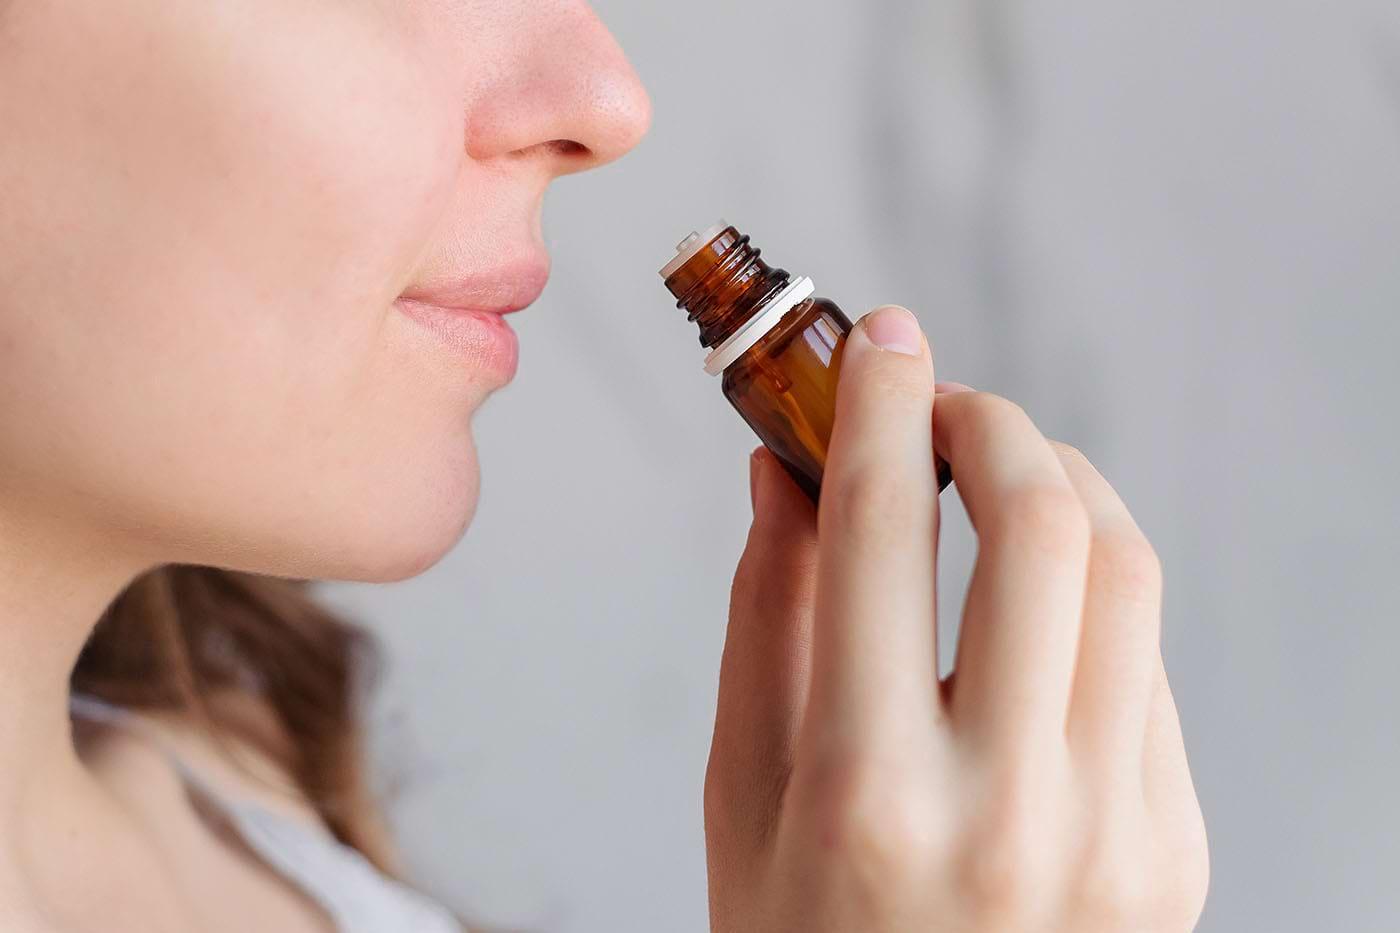 Ce uleiuri esențiale sunt benefice pentru concentrare și memorie?